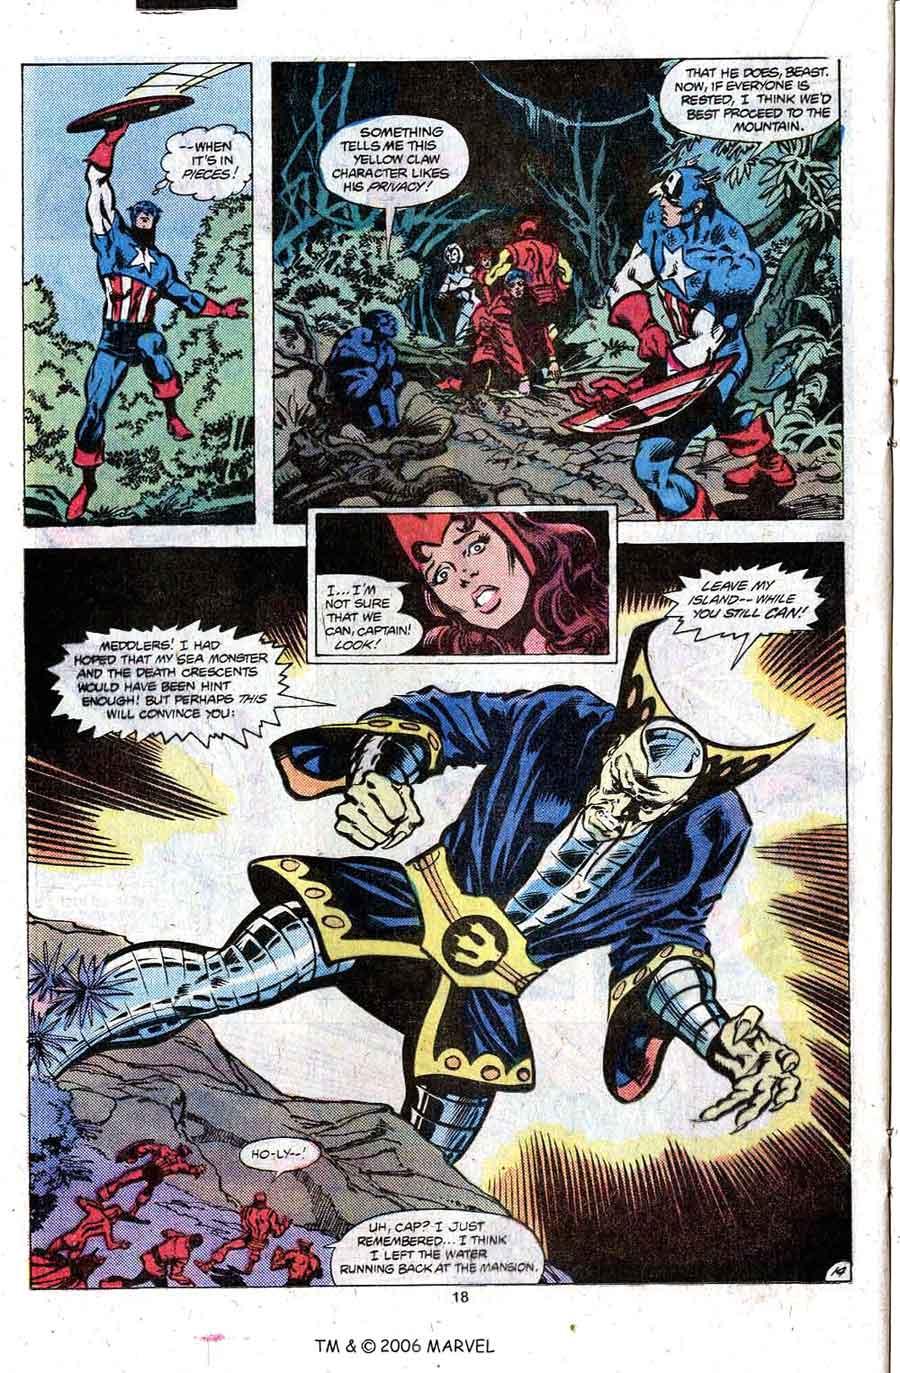 Avengers v1 #204 marvel comic book cover art by Don Newton